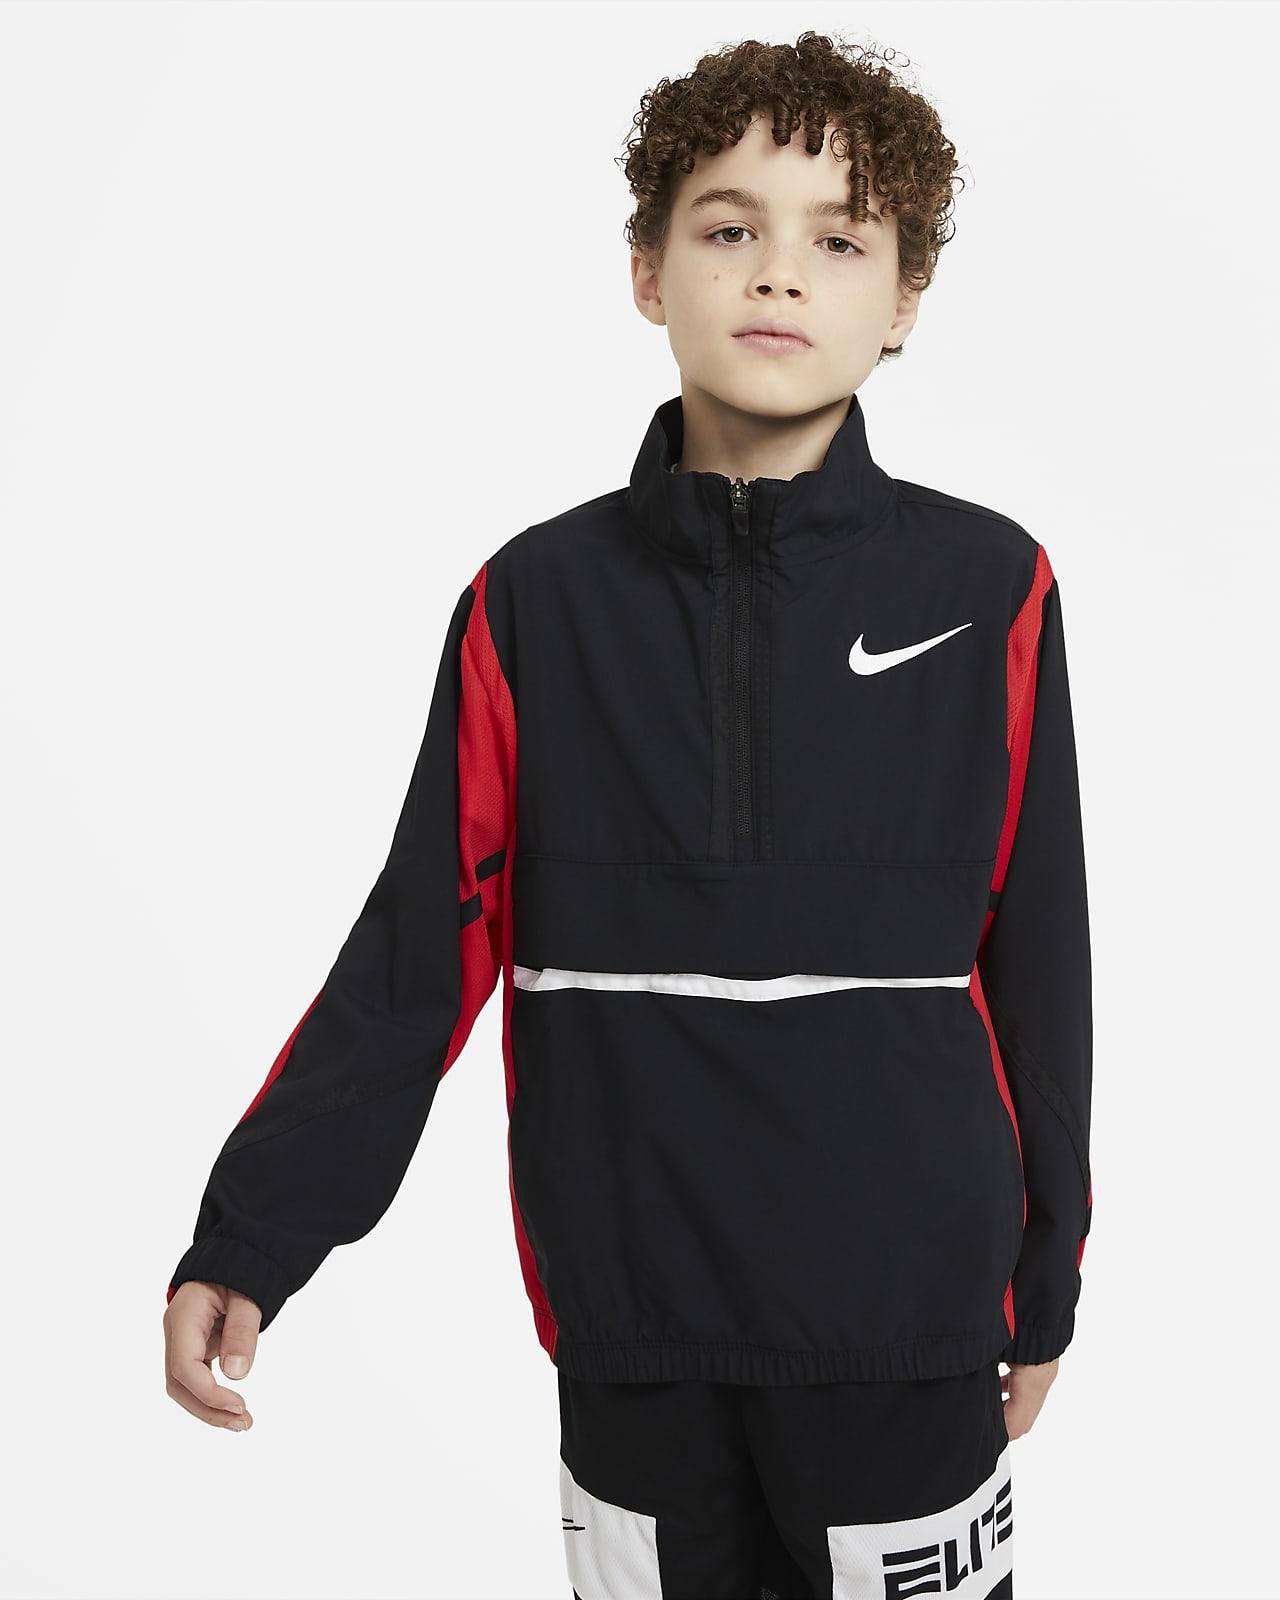 เสื้อแจ็คเก็ตบาสเก็ตบอลเด็กโต Nike Crossover (ชาย)